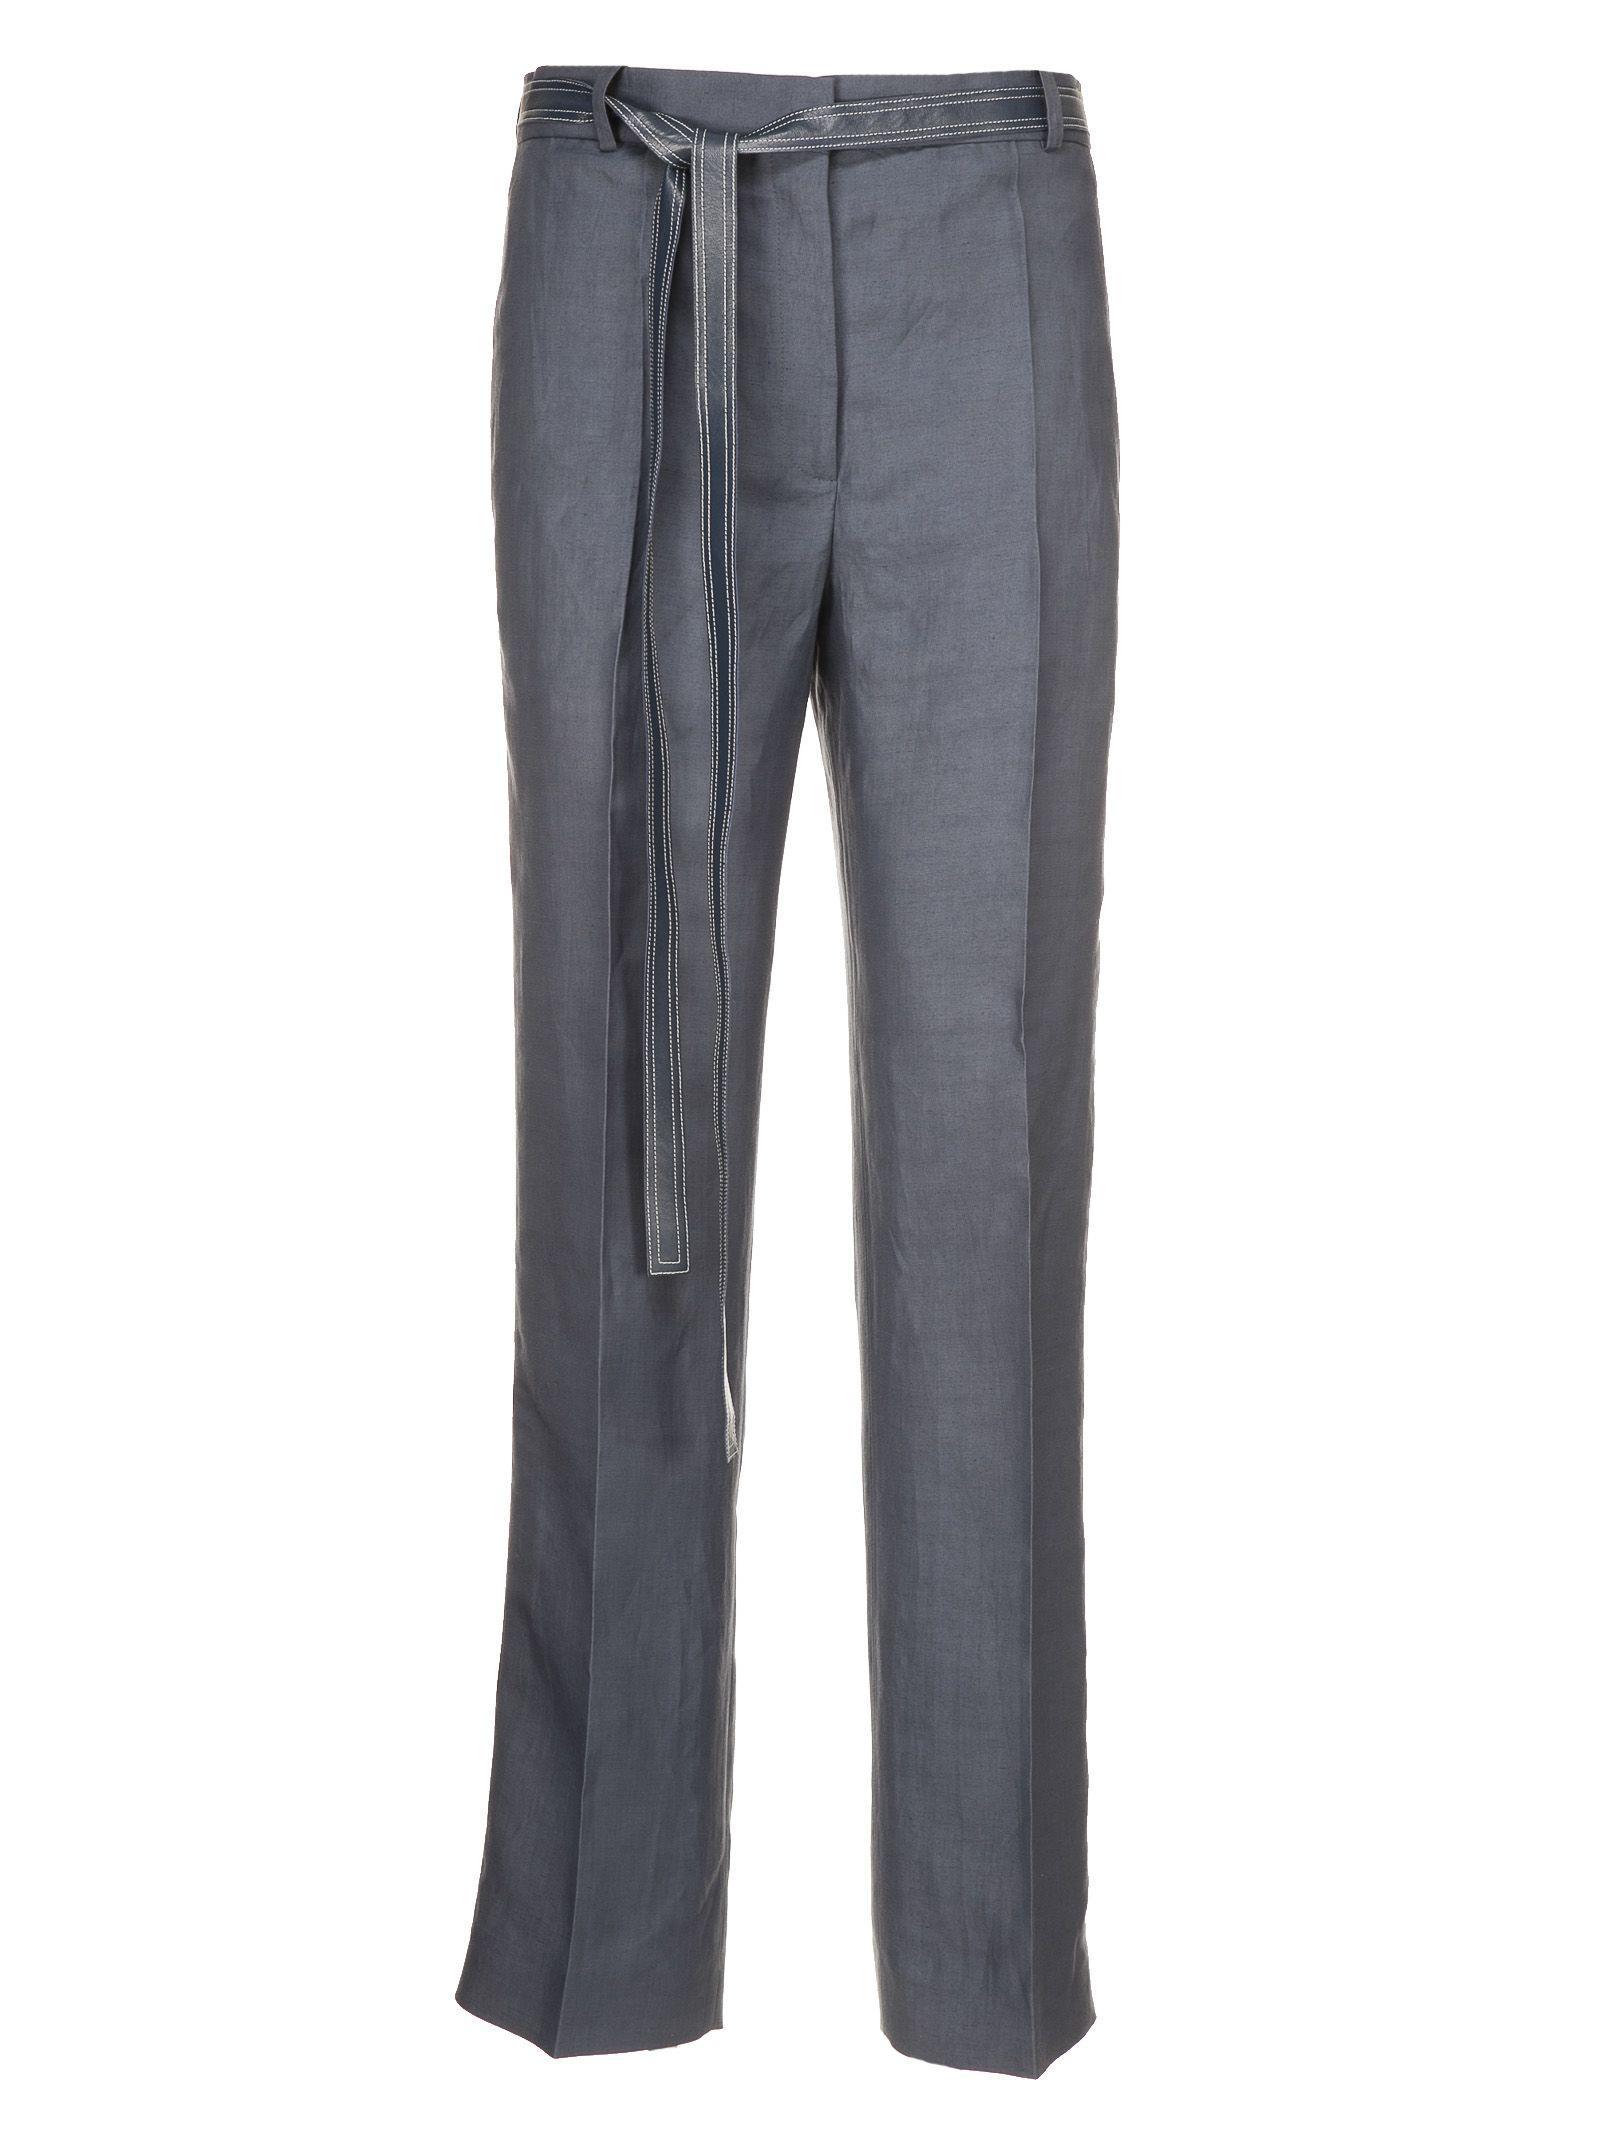 Celine CÉline Belted Trousers In 05eu